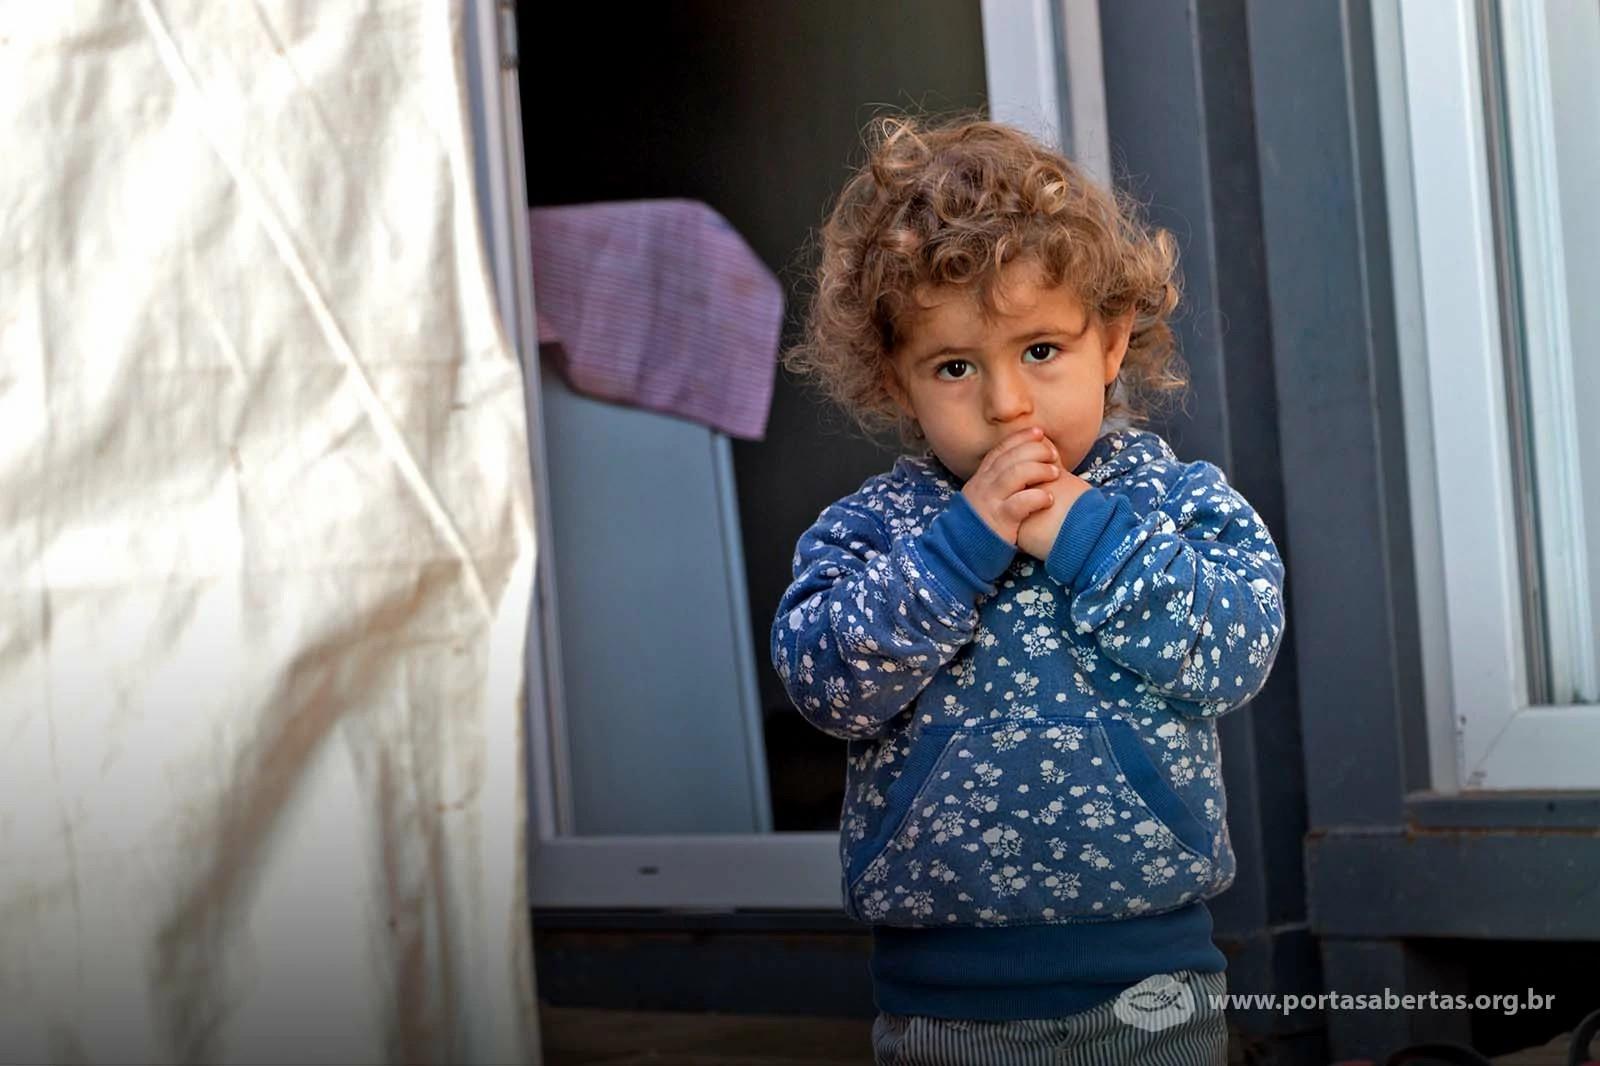 No Iraque, muitas crianças têm transtornos de aprendizagem e apresentam estado permanente de medo